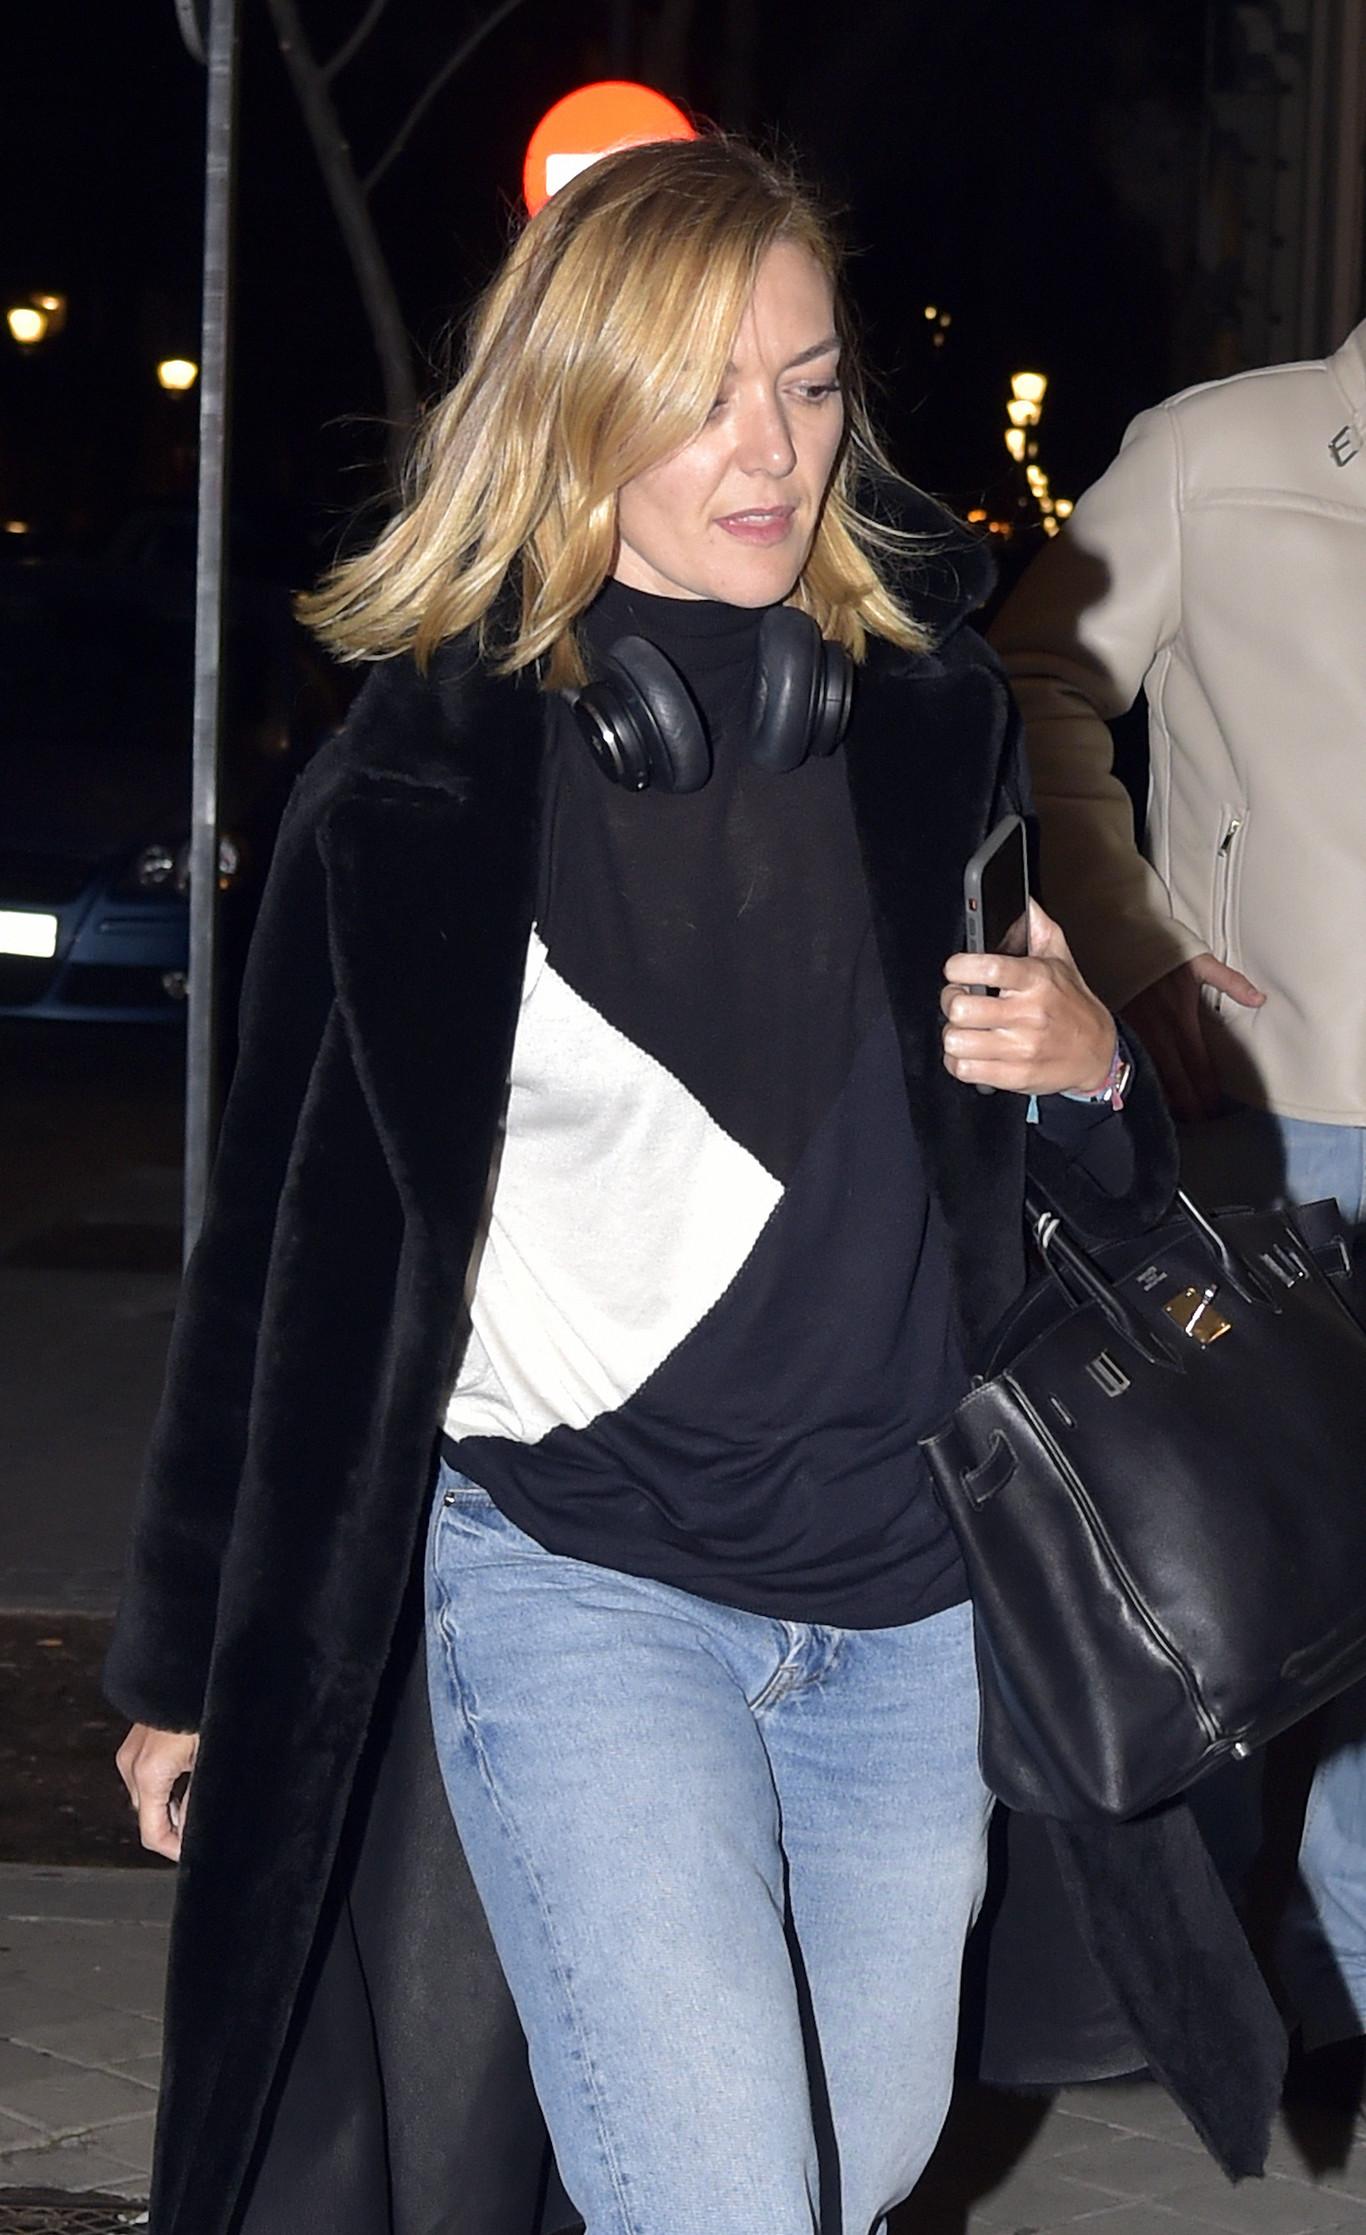 Venta anticipada Ánimo acceso  Marta Ortega luce las famosas zapatillas Balenciaga Triple S. ¿Tenemos clon  de Zara a la vista?